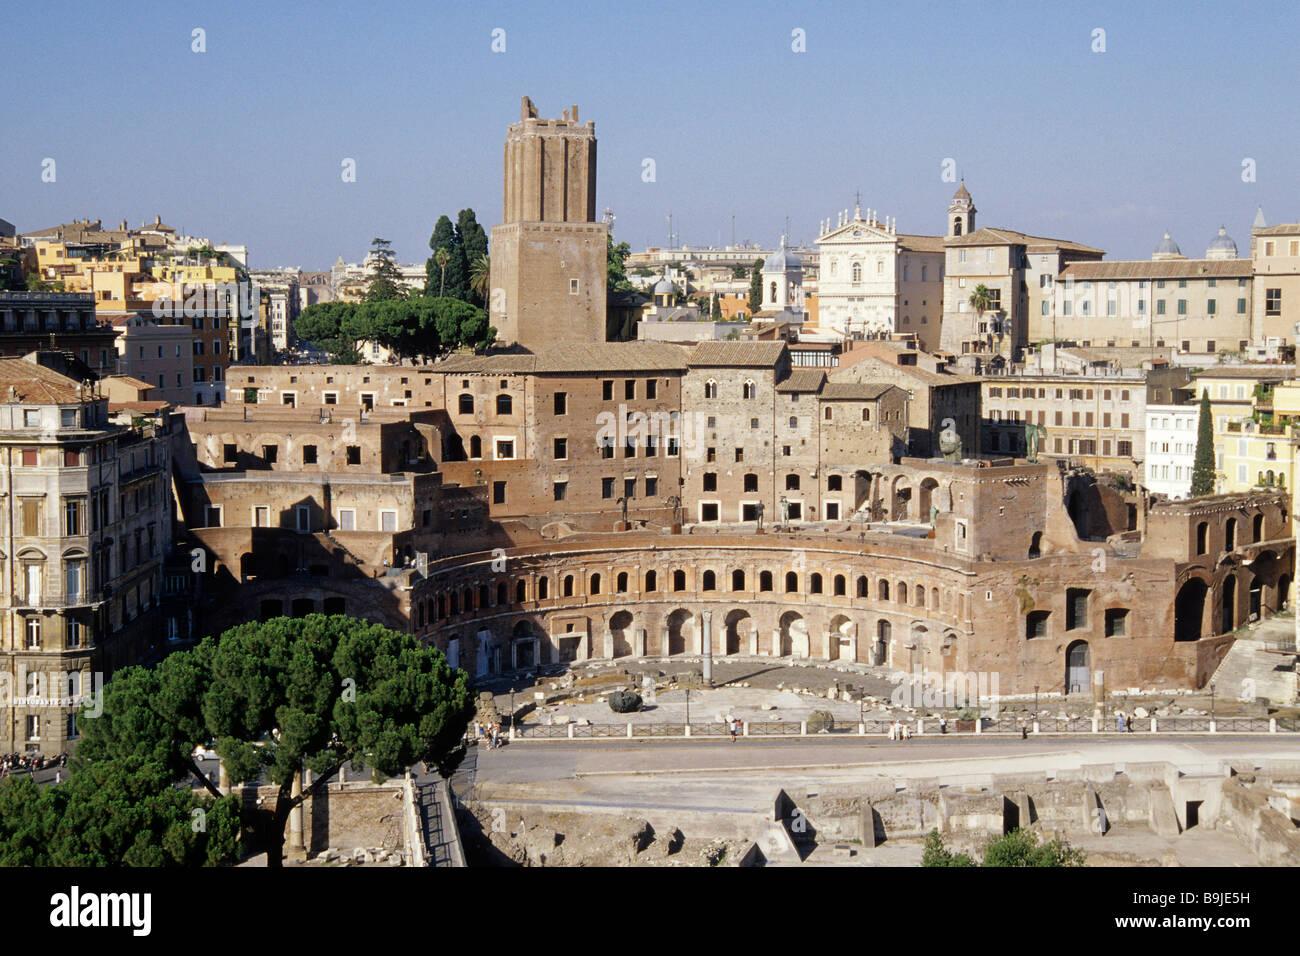 Vue de l'imperial foras du Vittoriano, Fori Imperiali, Foro di Traiano, la Piazza Venezia, Rome, Italie, Europe Photo Stock